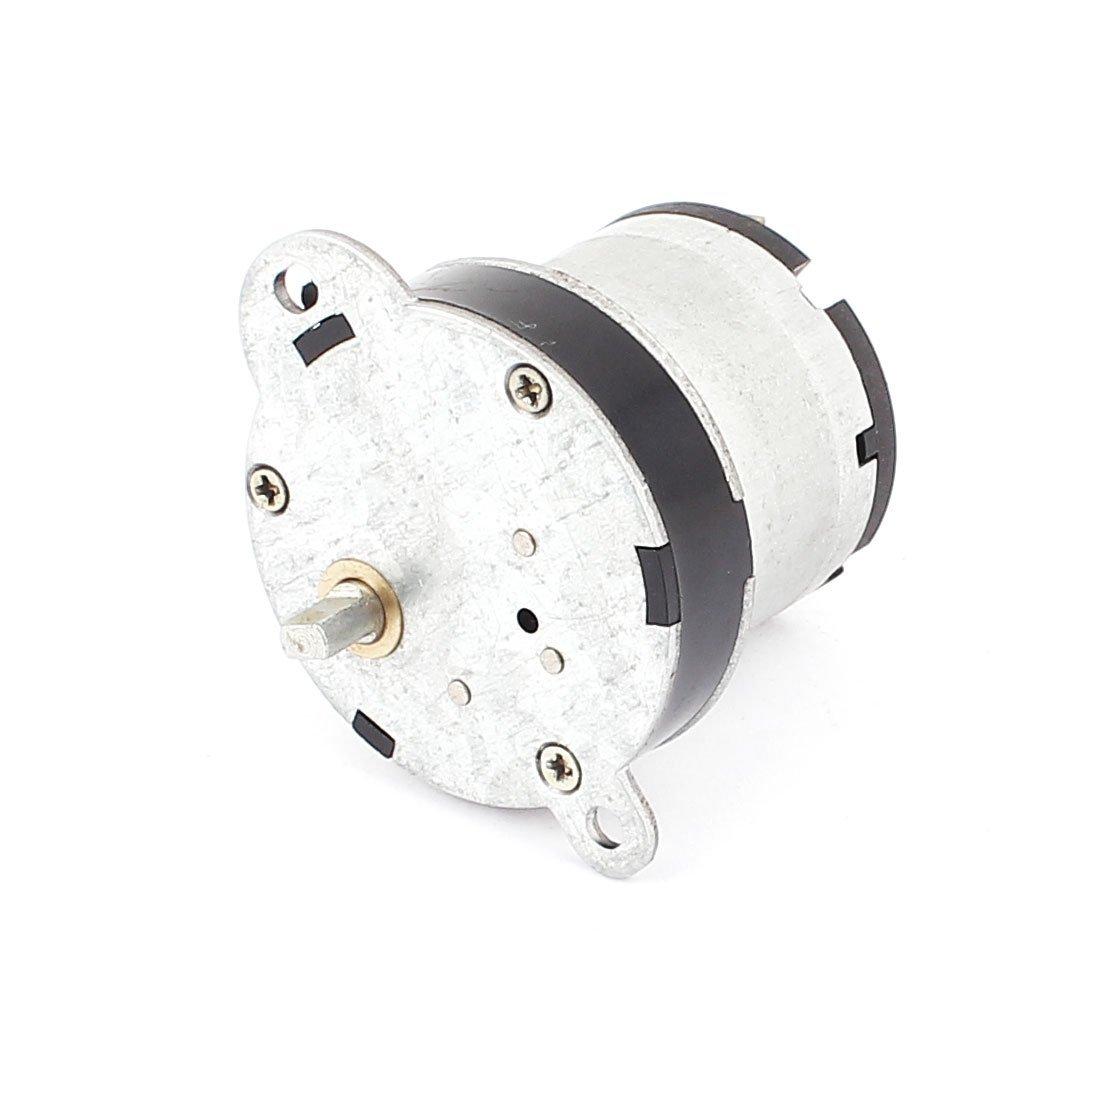 DealMux DC 24V 45RPM 5 milímetros Shaft Dia Gear Box velocidade Reduzir motor elétrico - - Amazon.com